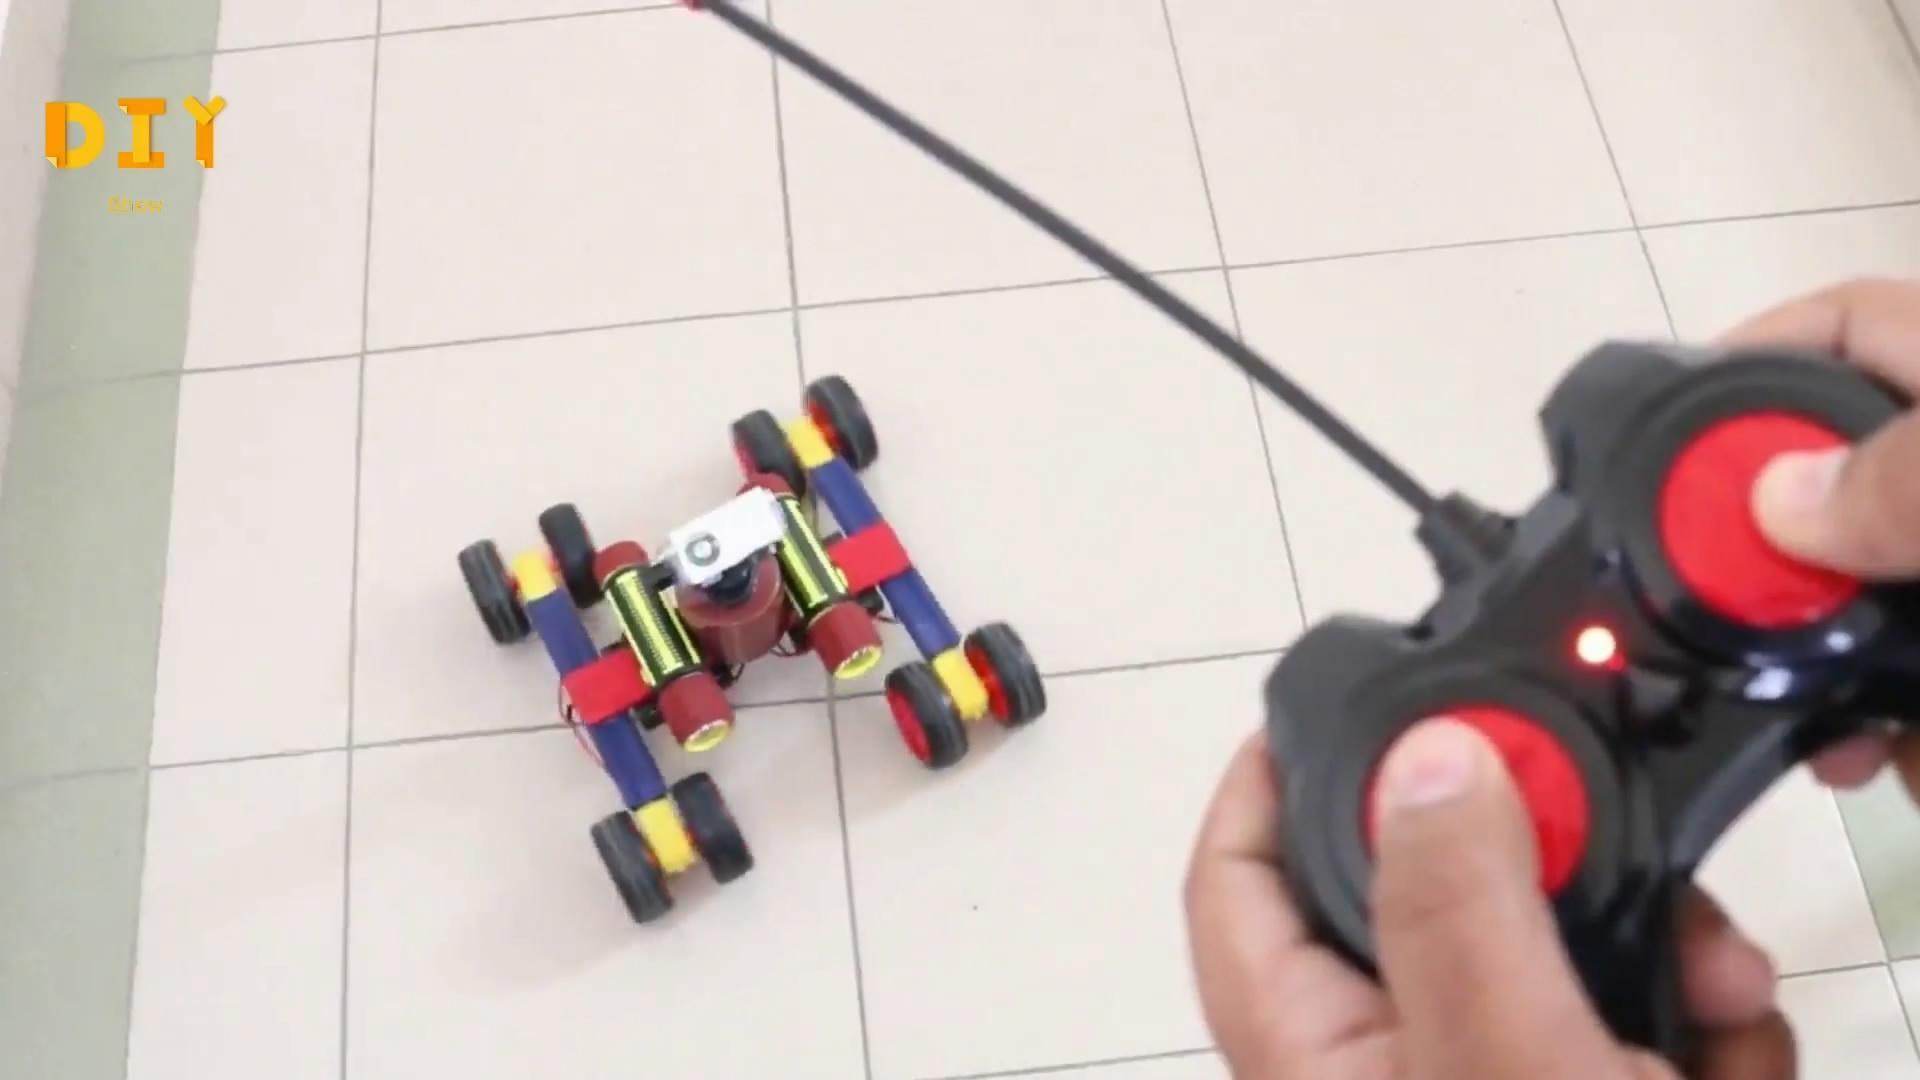 發明製造DIY,手把手,教你如何自製一台炫酷的迷你遙控車-生活視頻-搜狐視頻